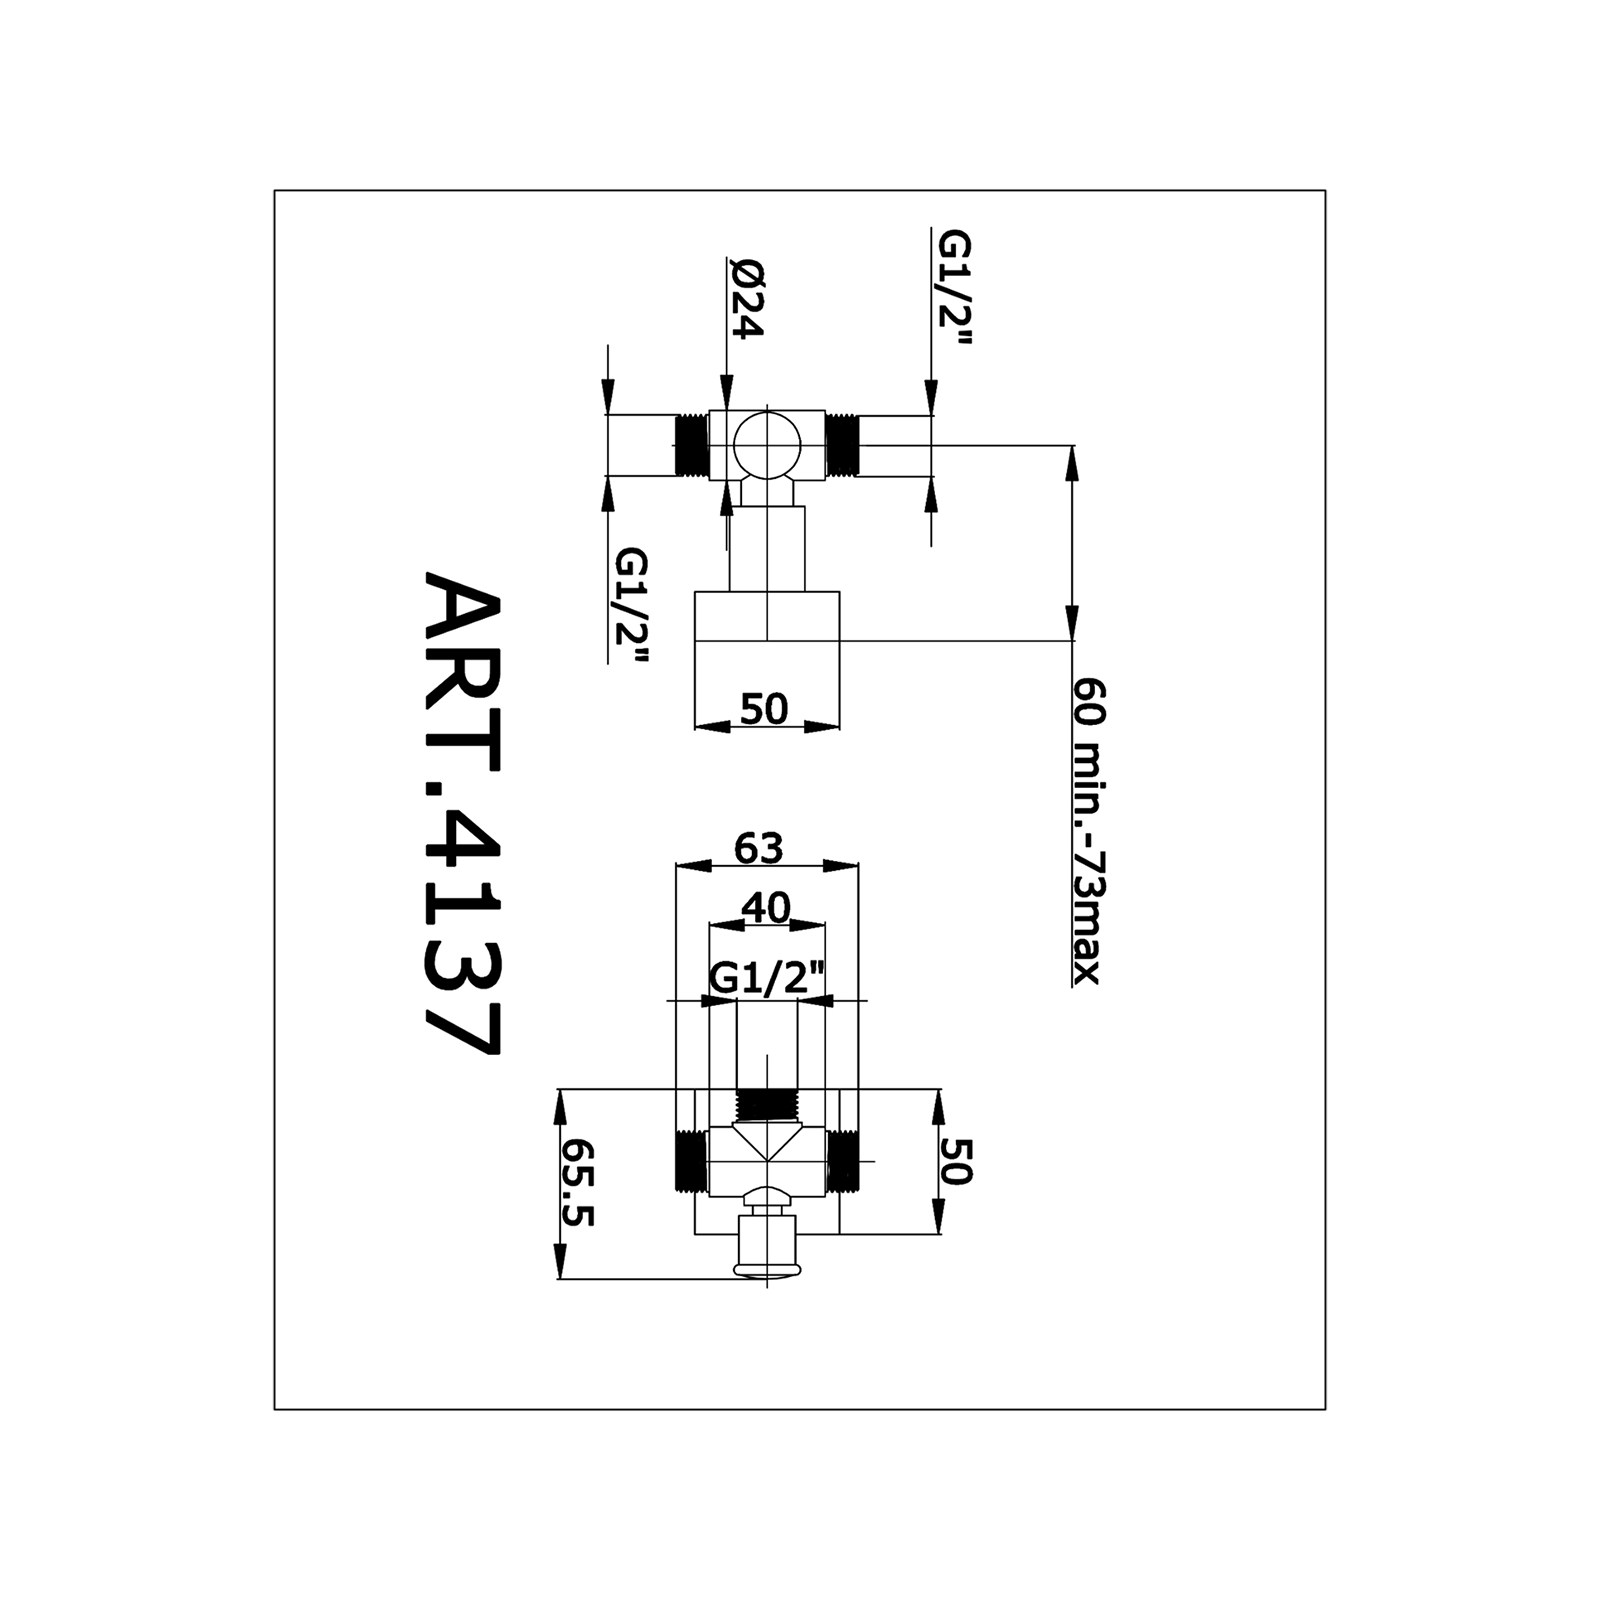 Inverseur ronde pour colonne avec support mural et rosace carrée.